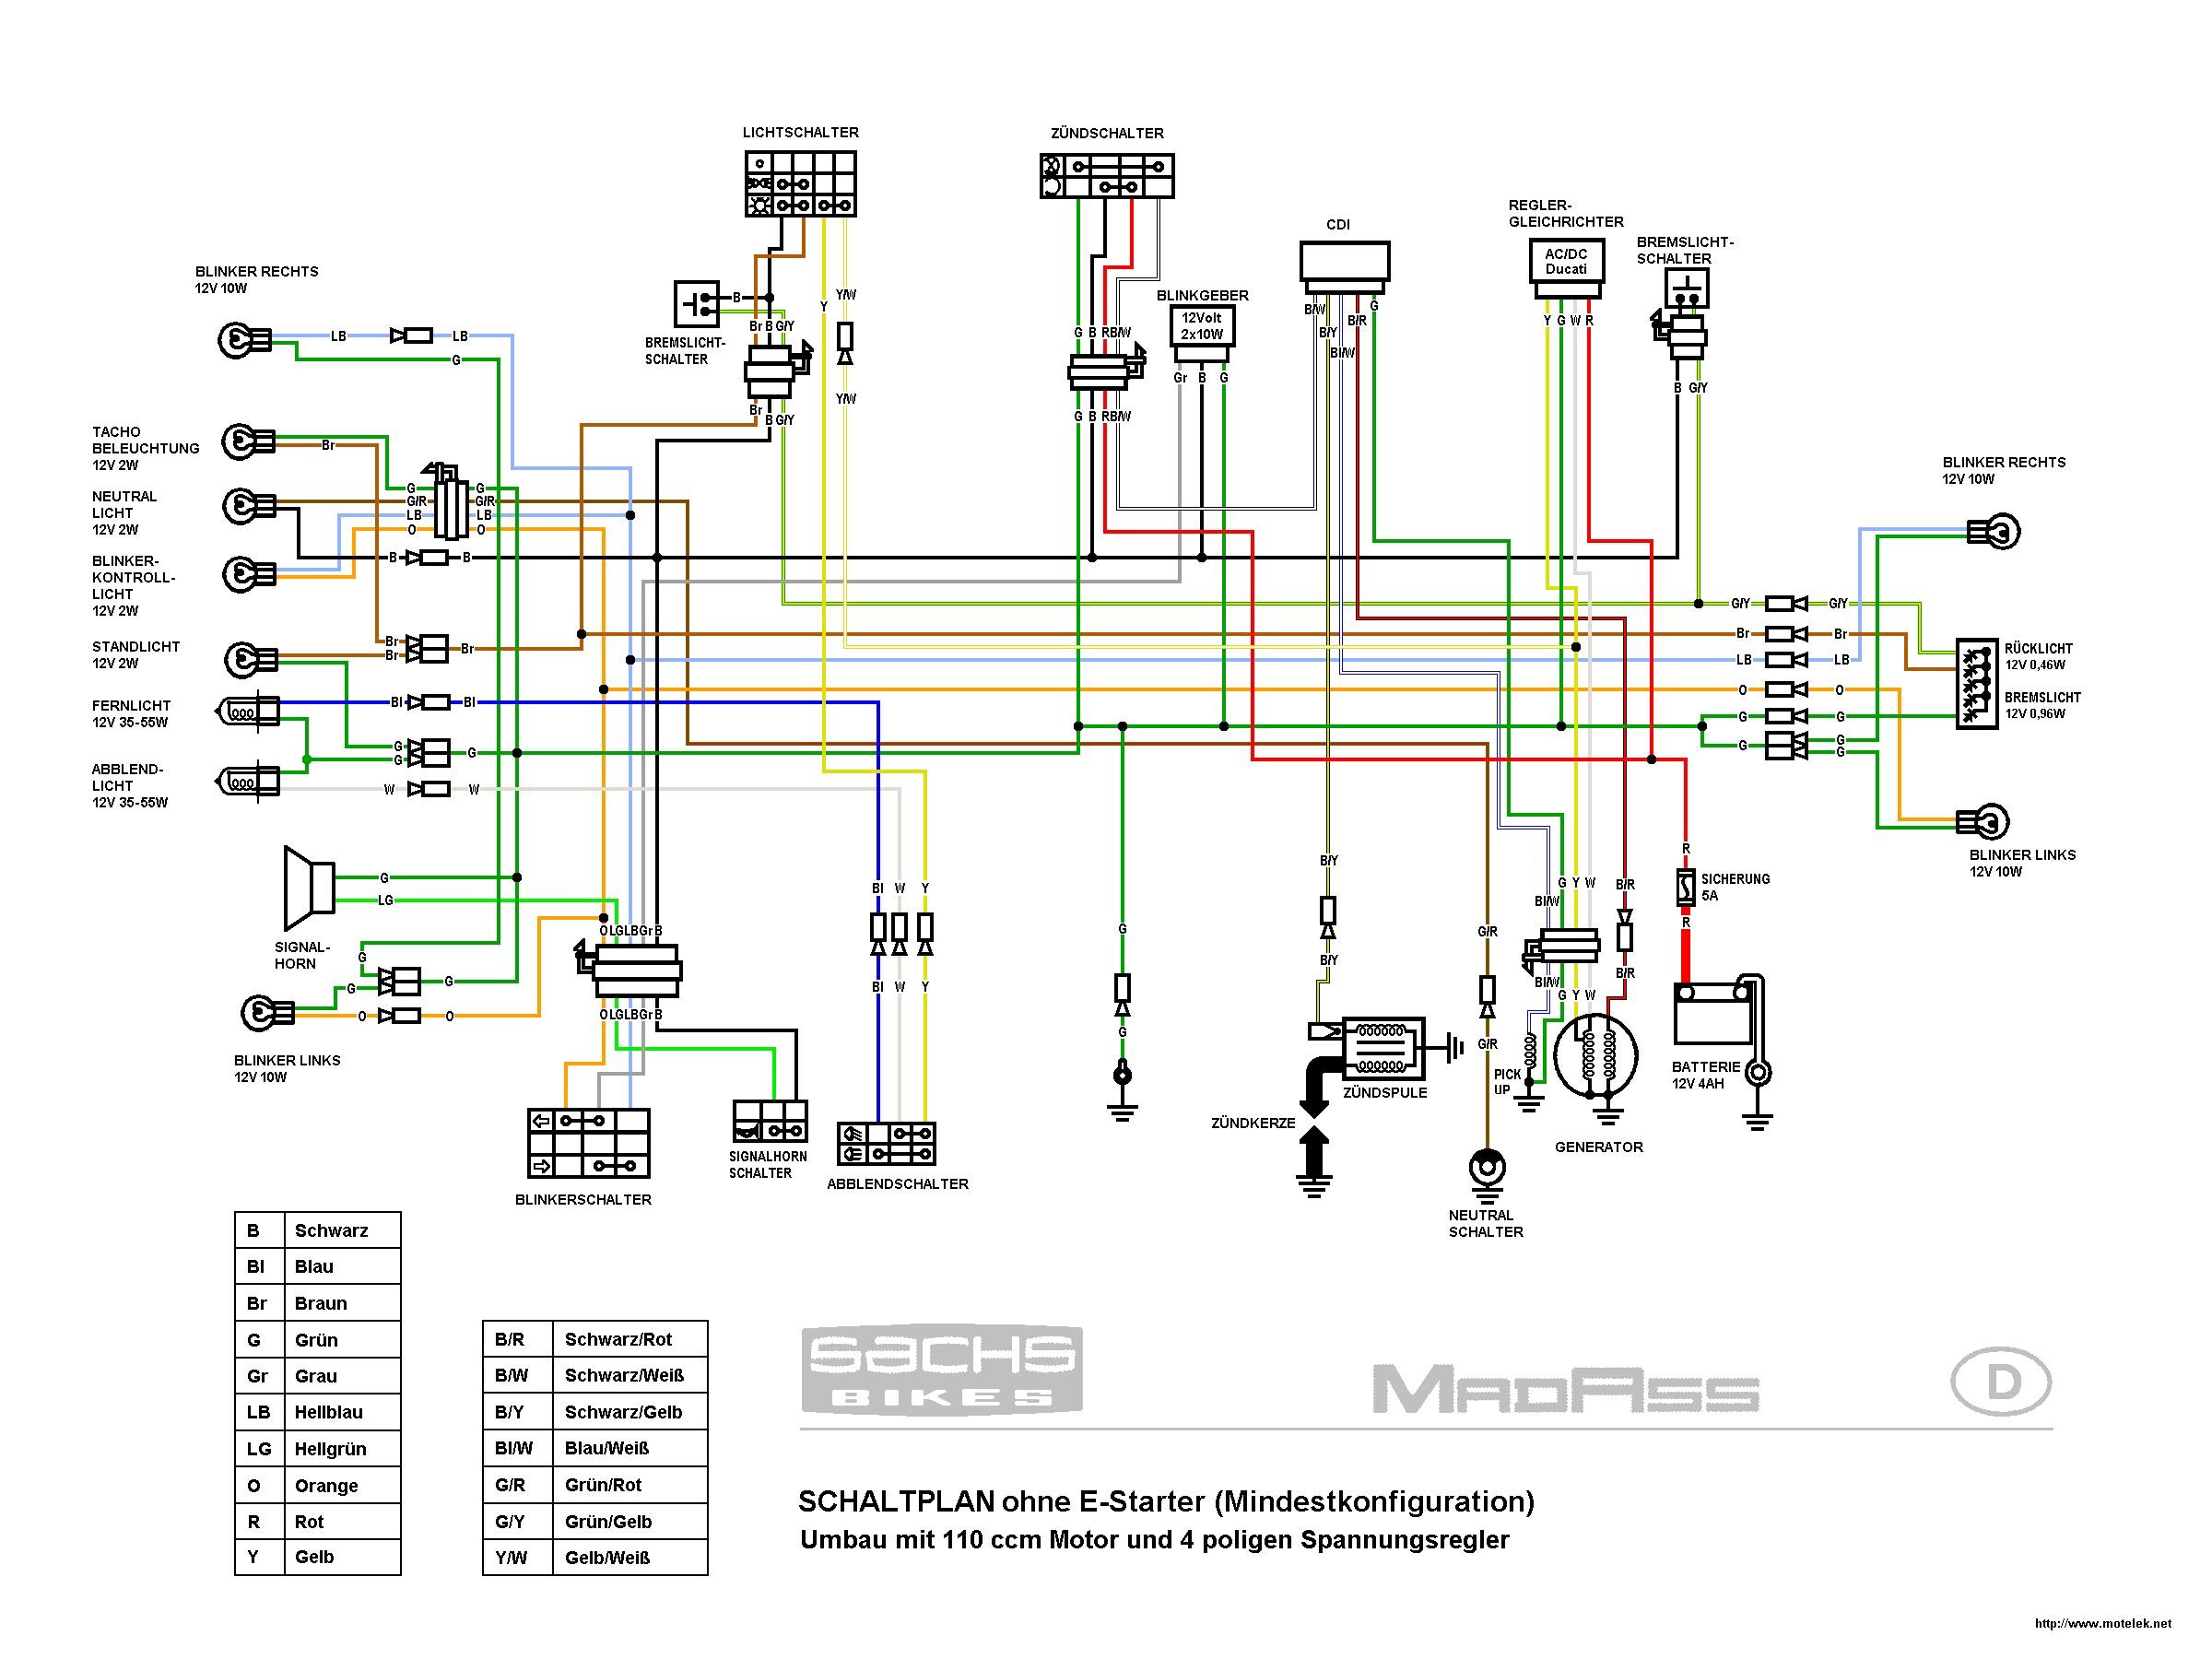 Motorcycle Wiring Diagram On Basic Wiring Diagram Honda Motorcycle